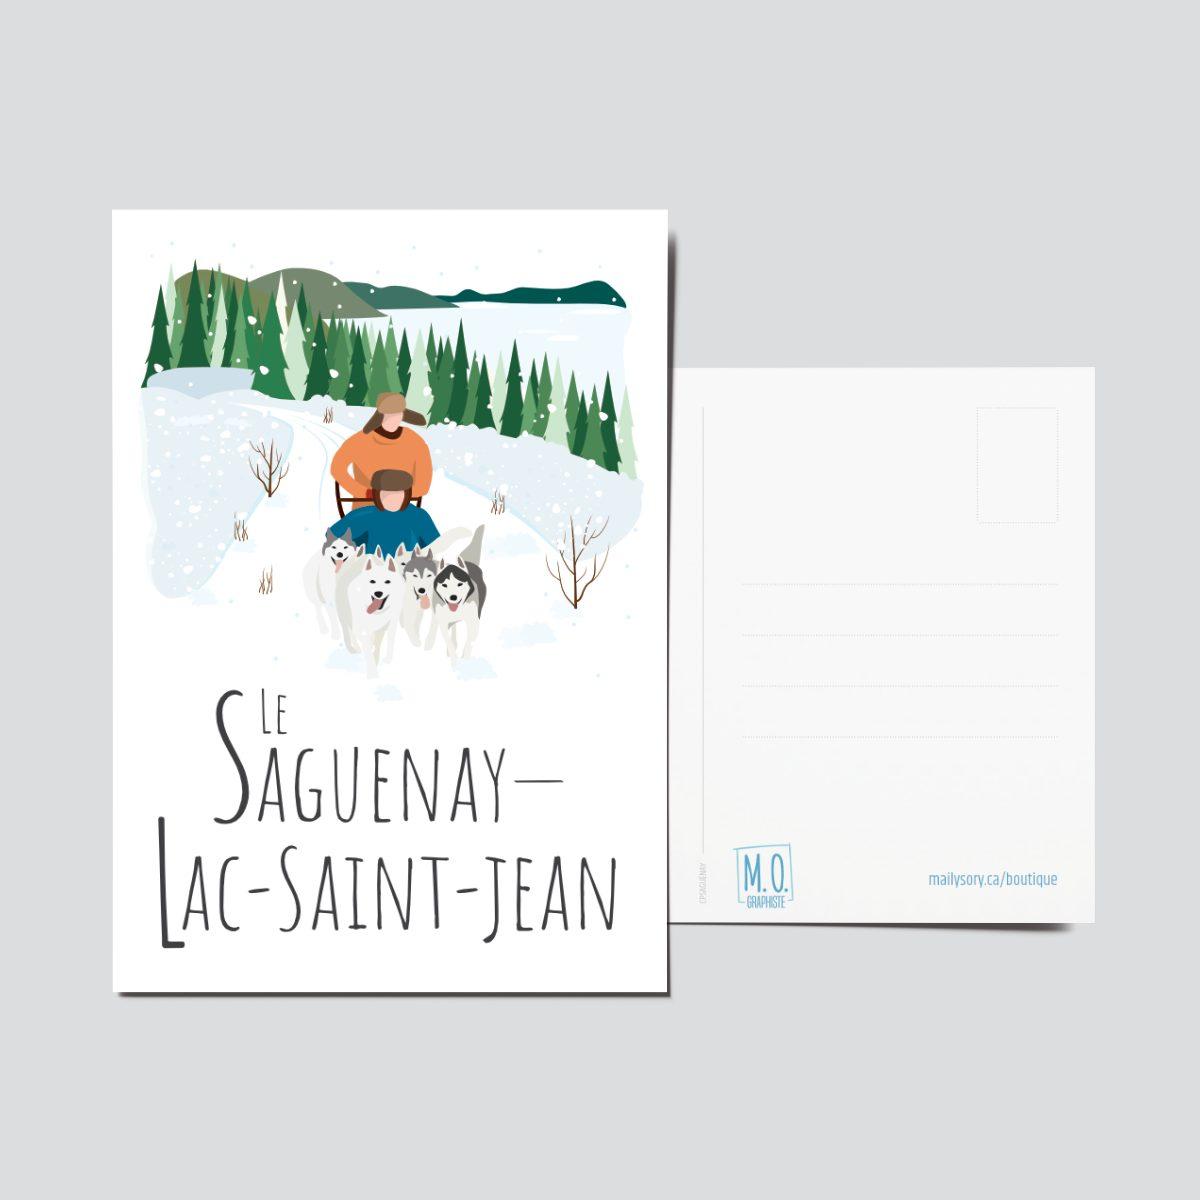 Mailys ORY - Graphiste | Illustration - Carte postale - Le Saguenay-Lac-Saint-Jean